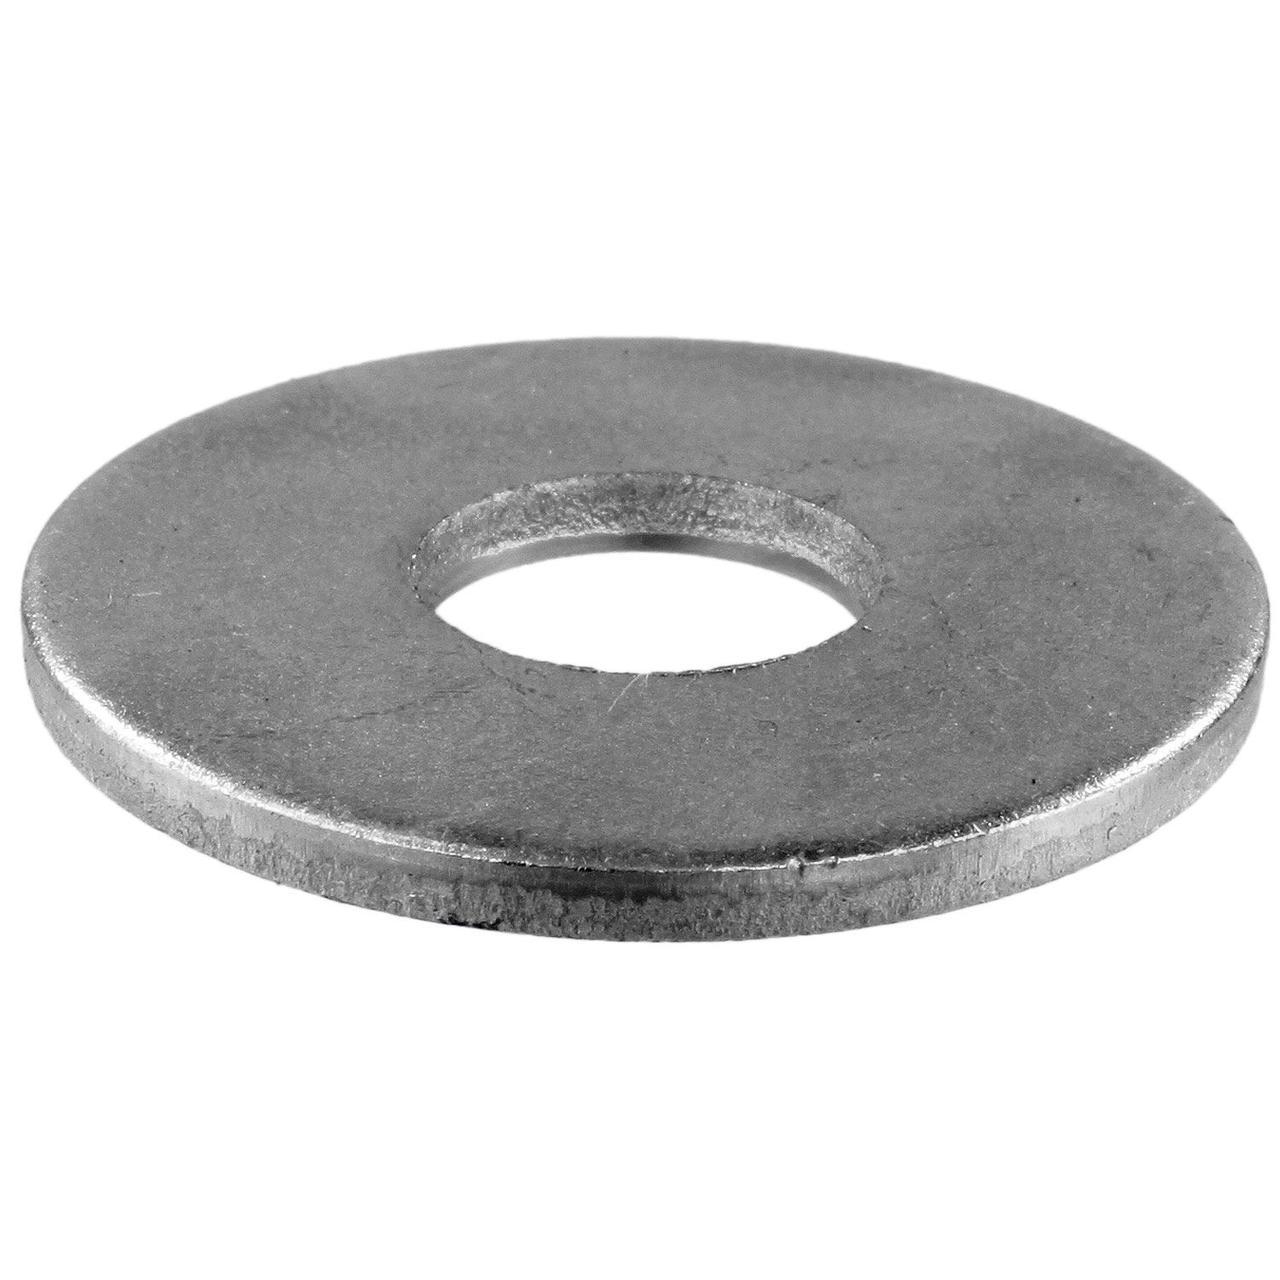 Кольцо ст 50Г2 1670х150х750 мм